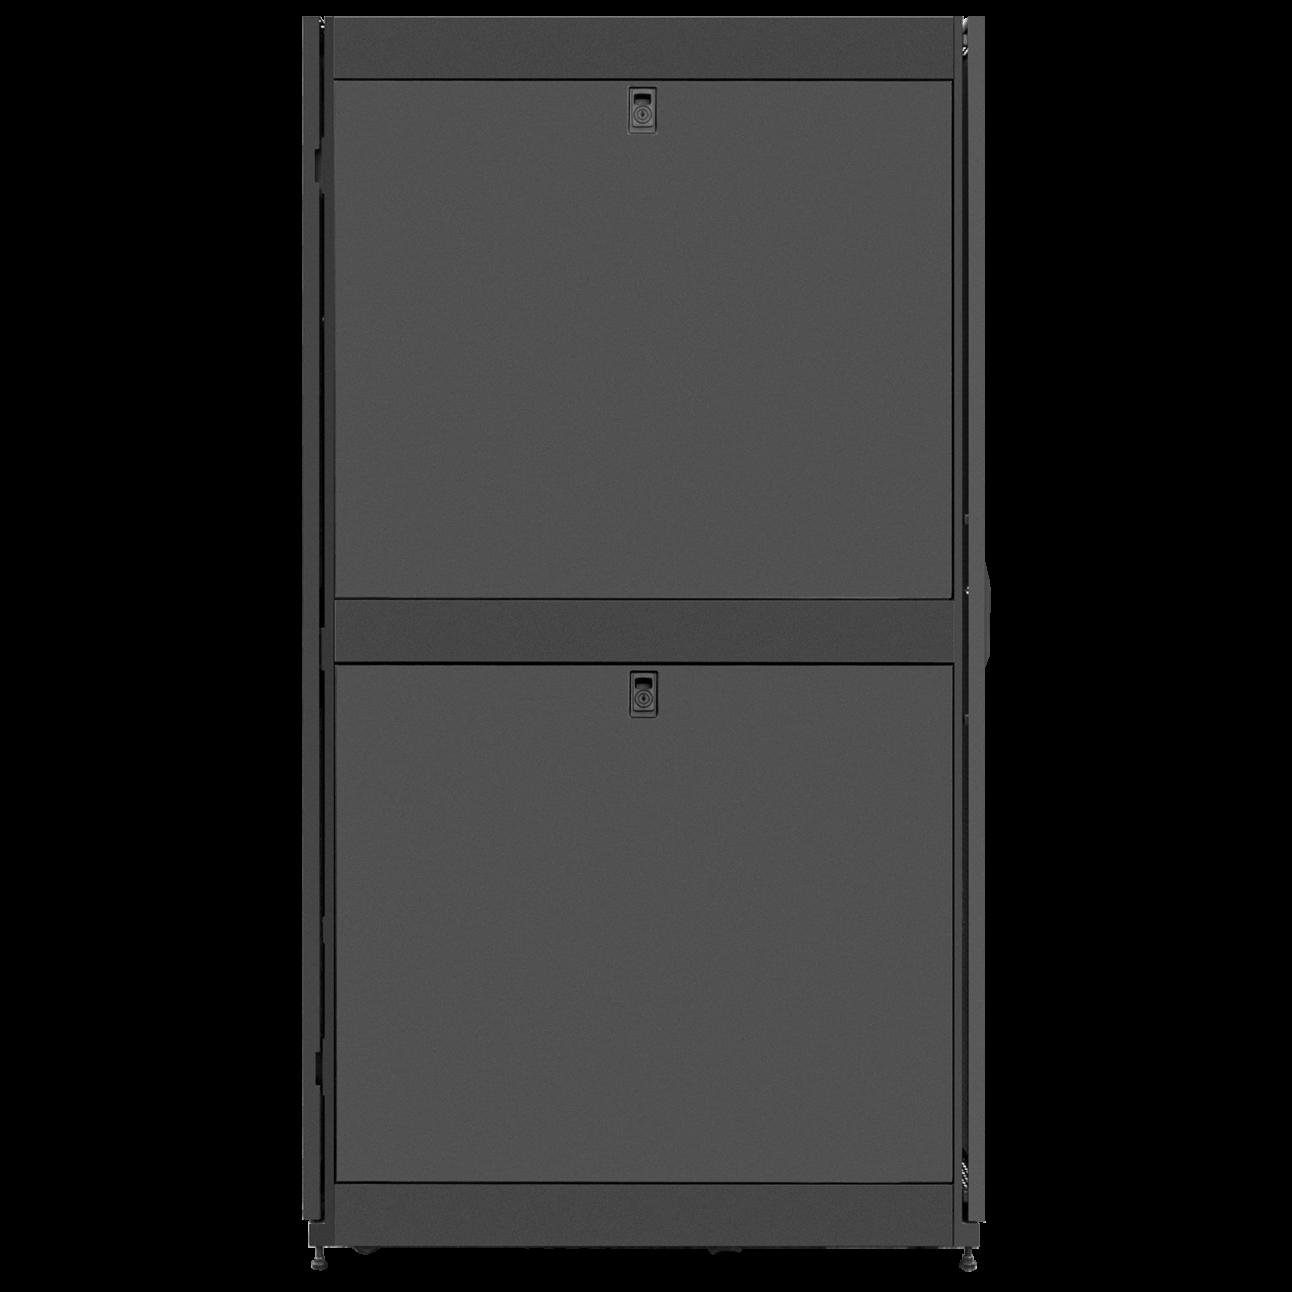 Напольный серверный шкаф Metal Box 42U 600х1000